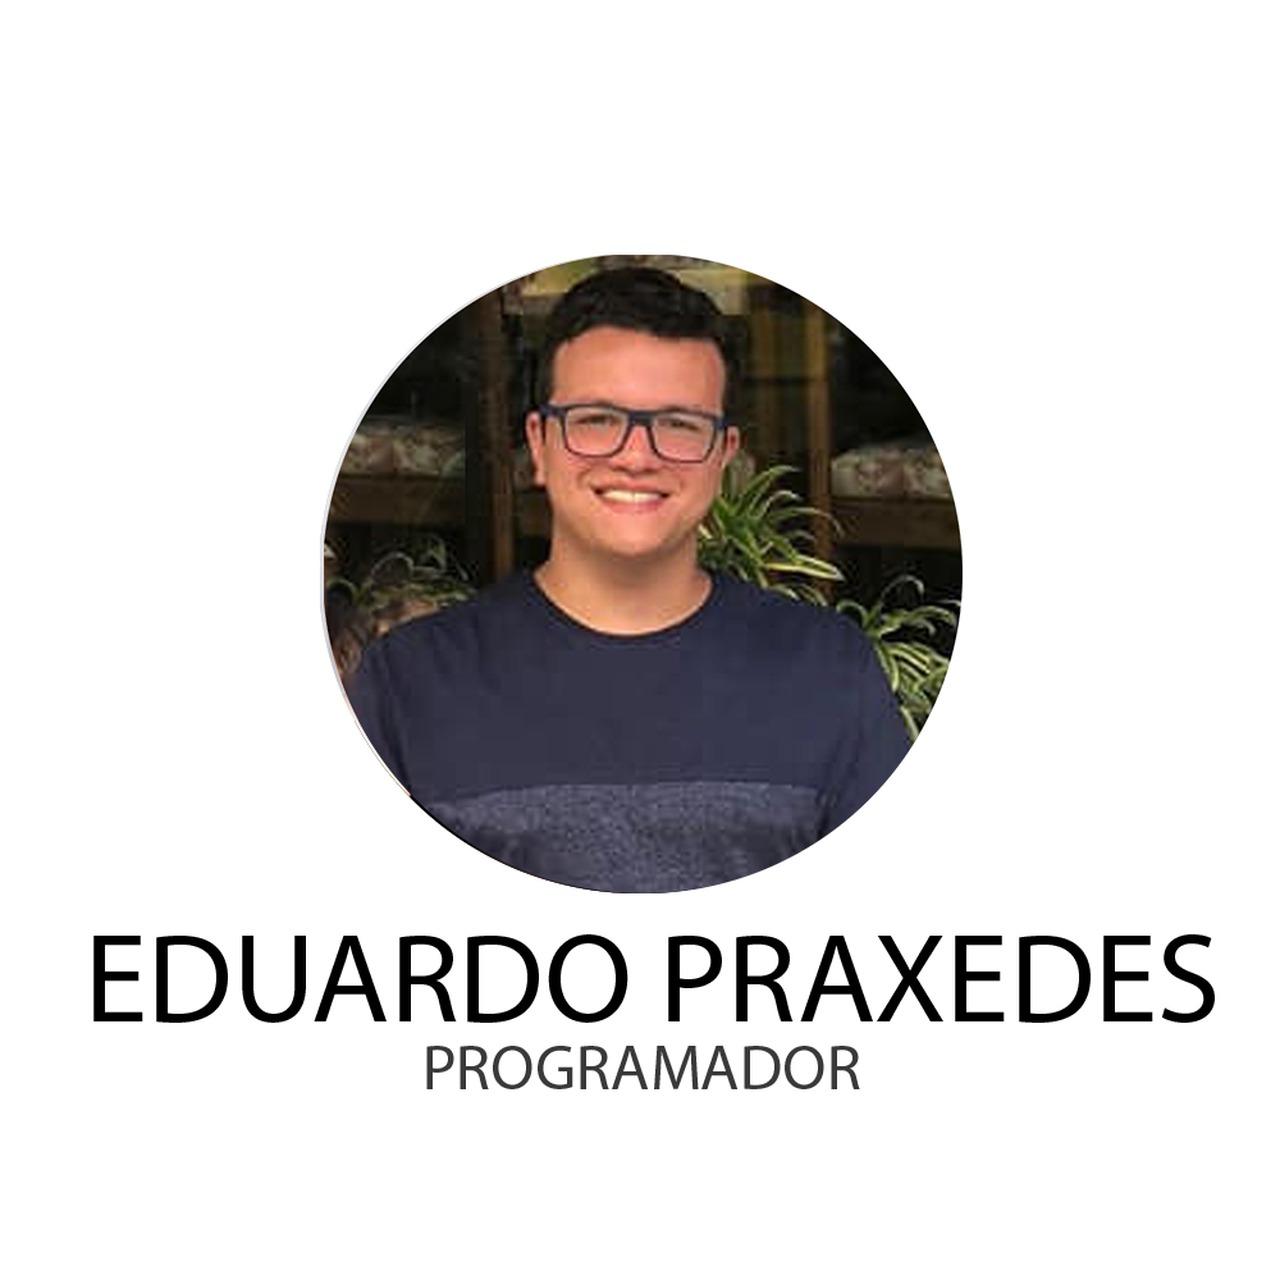 eduardo_Easy-Resize.com